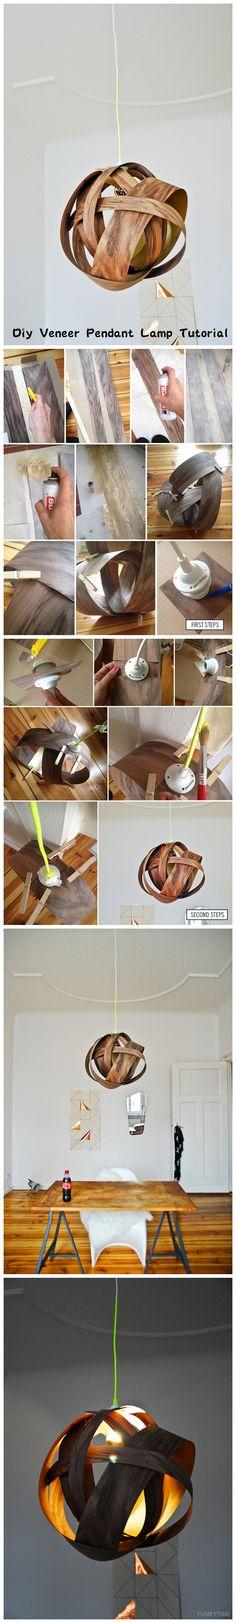 #Diy Veneer Pendant #Lamp #Tutorial